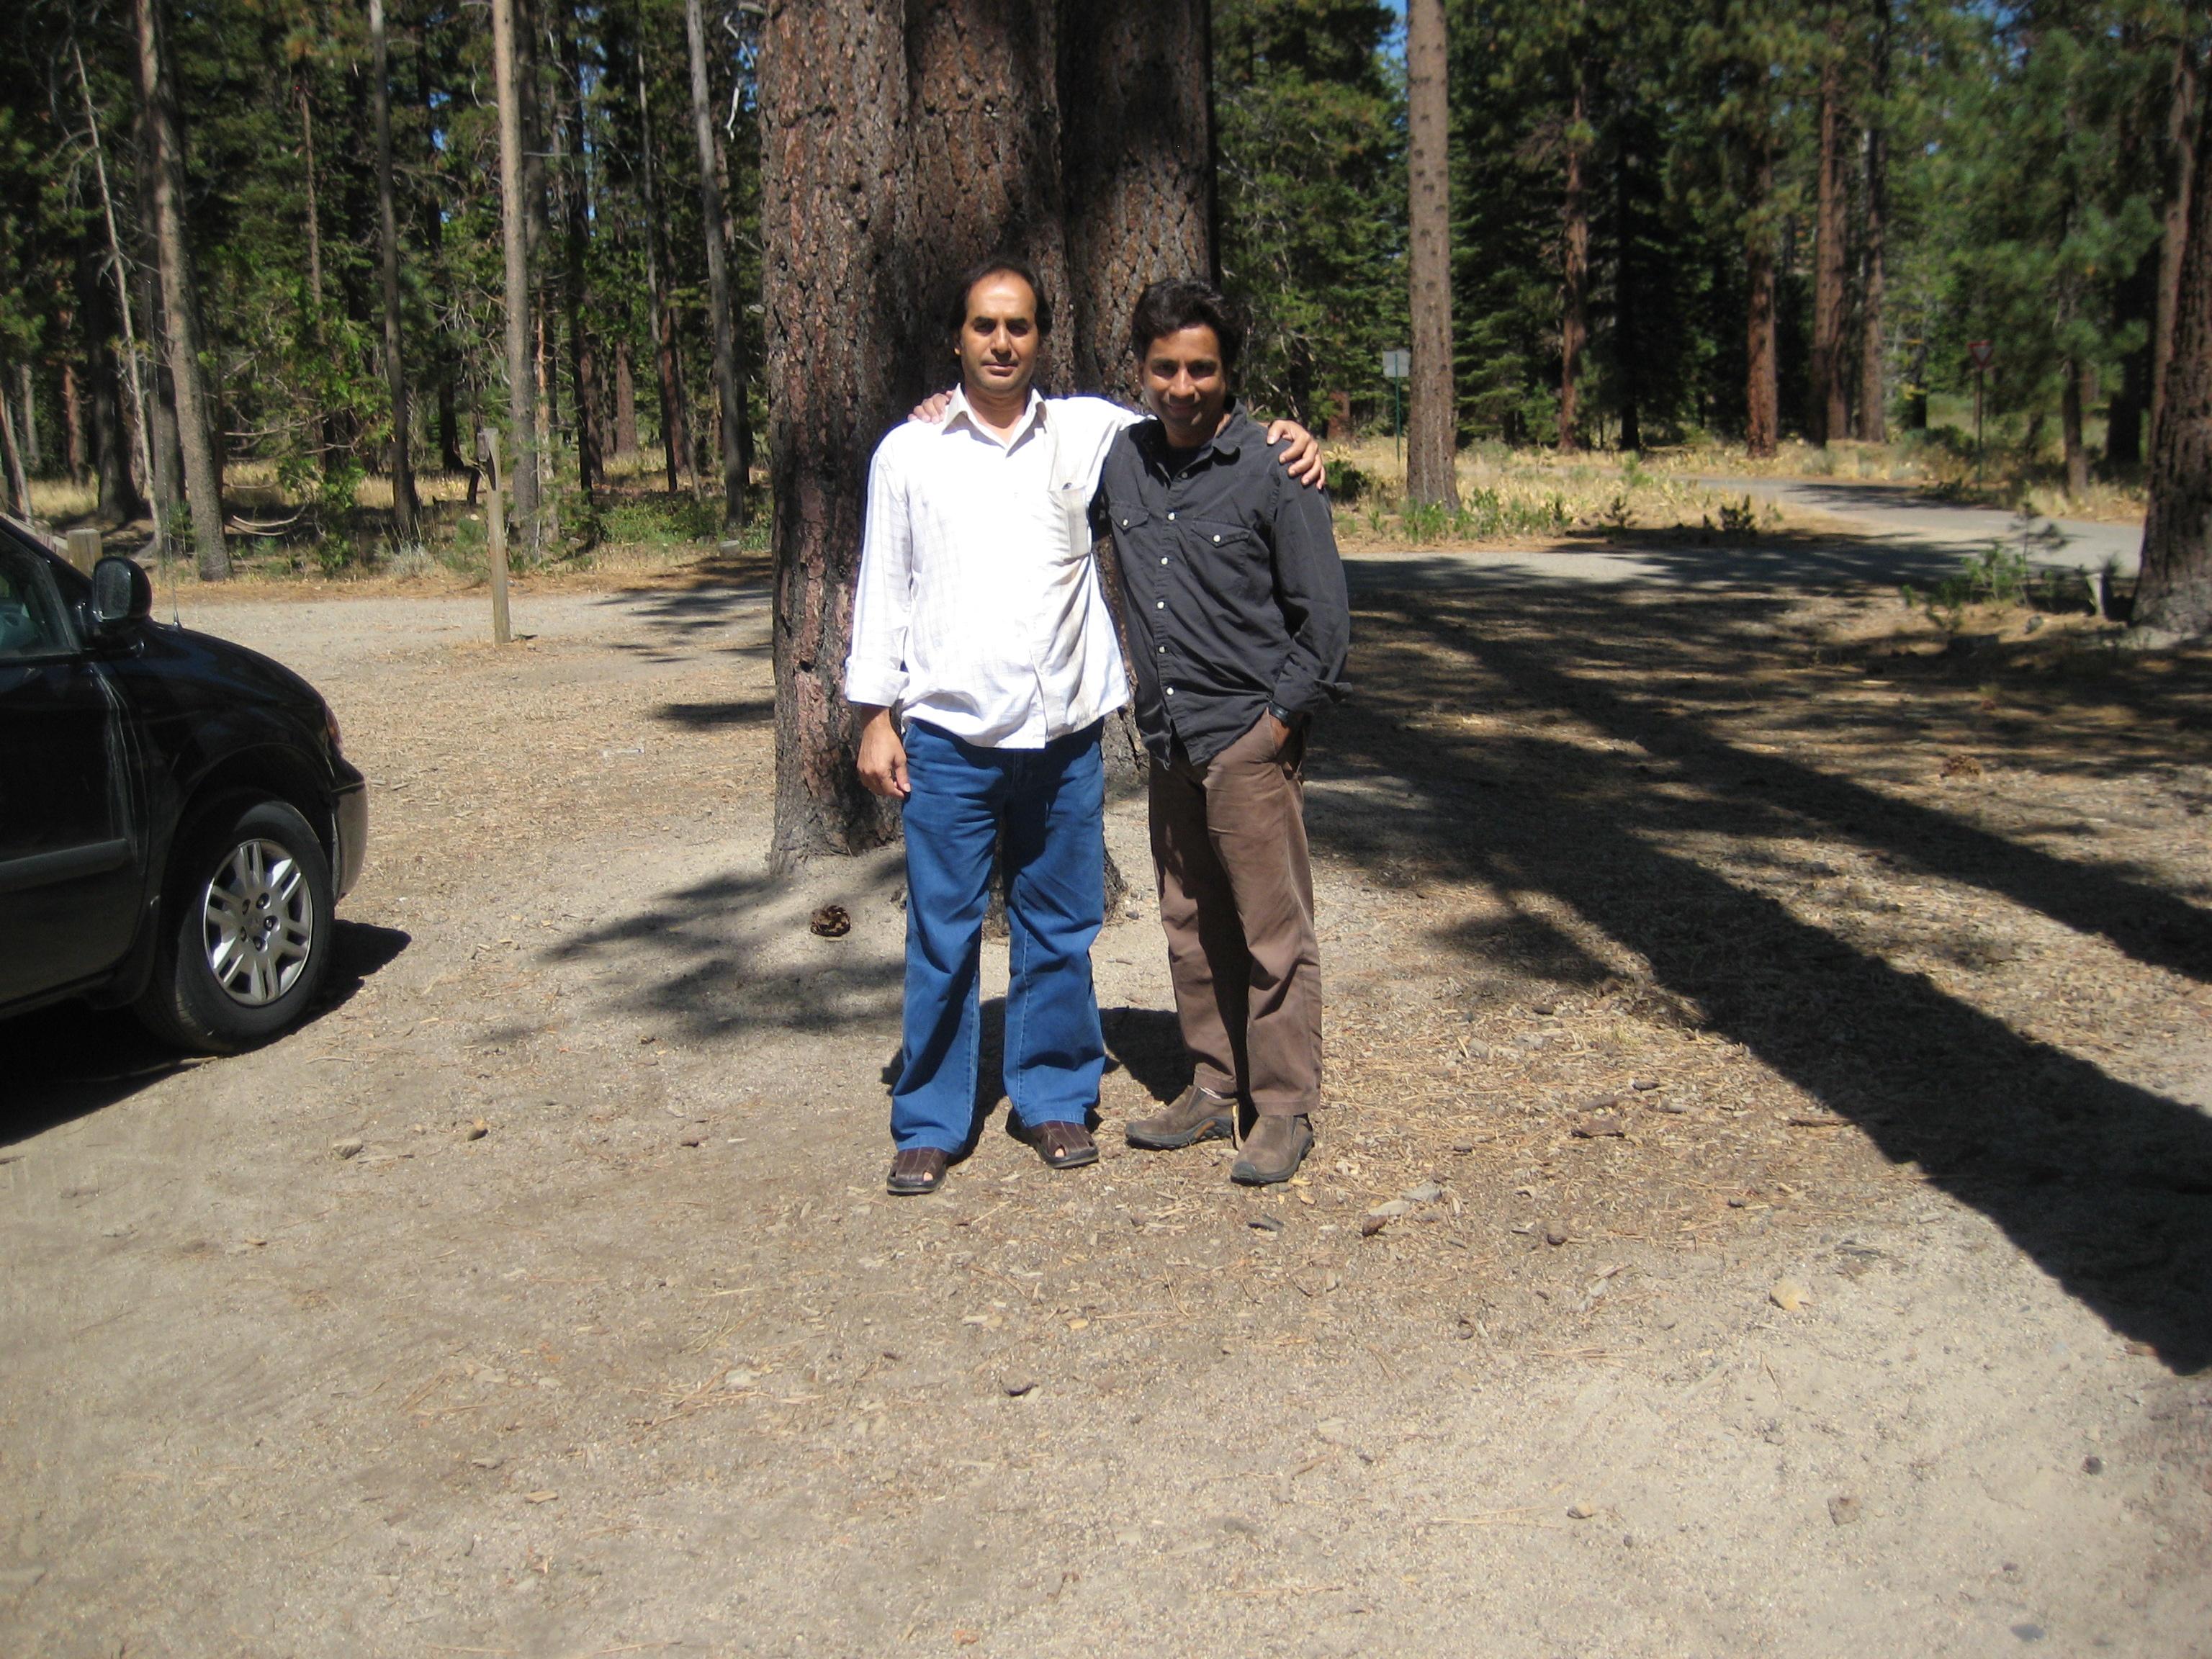 In lake tahoe